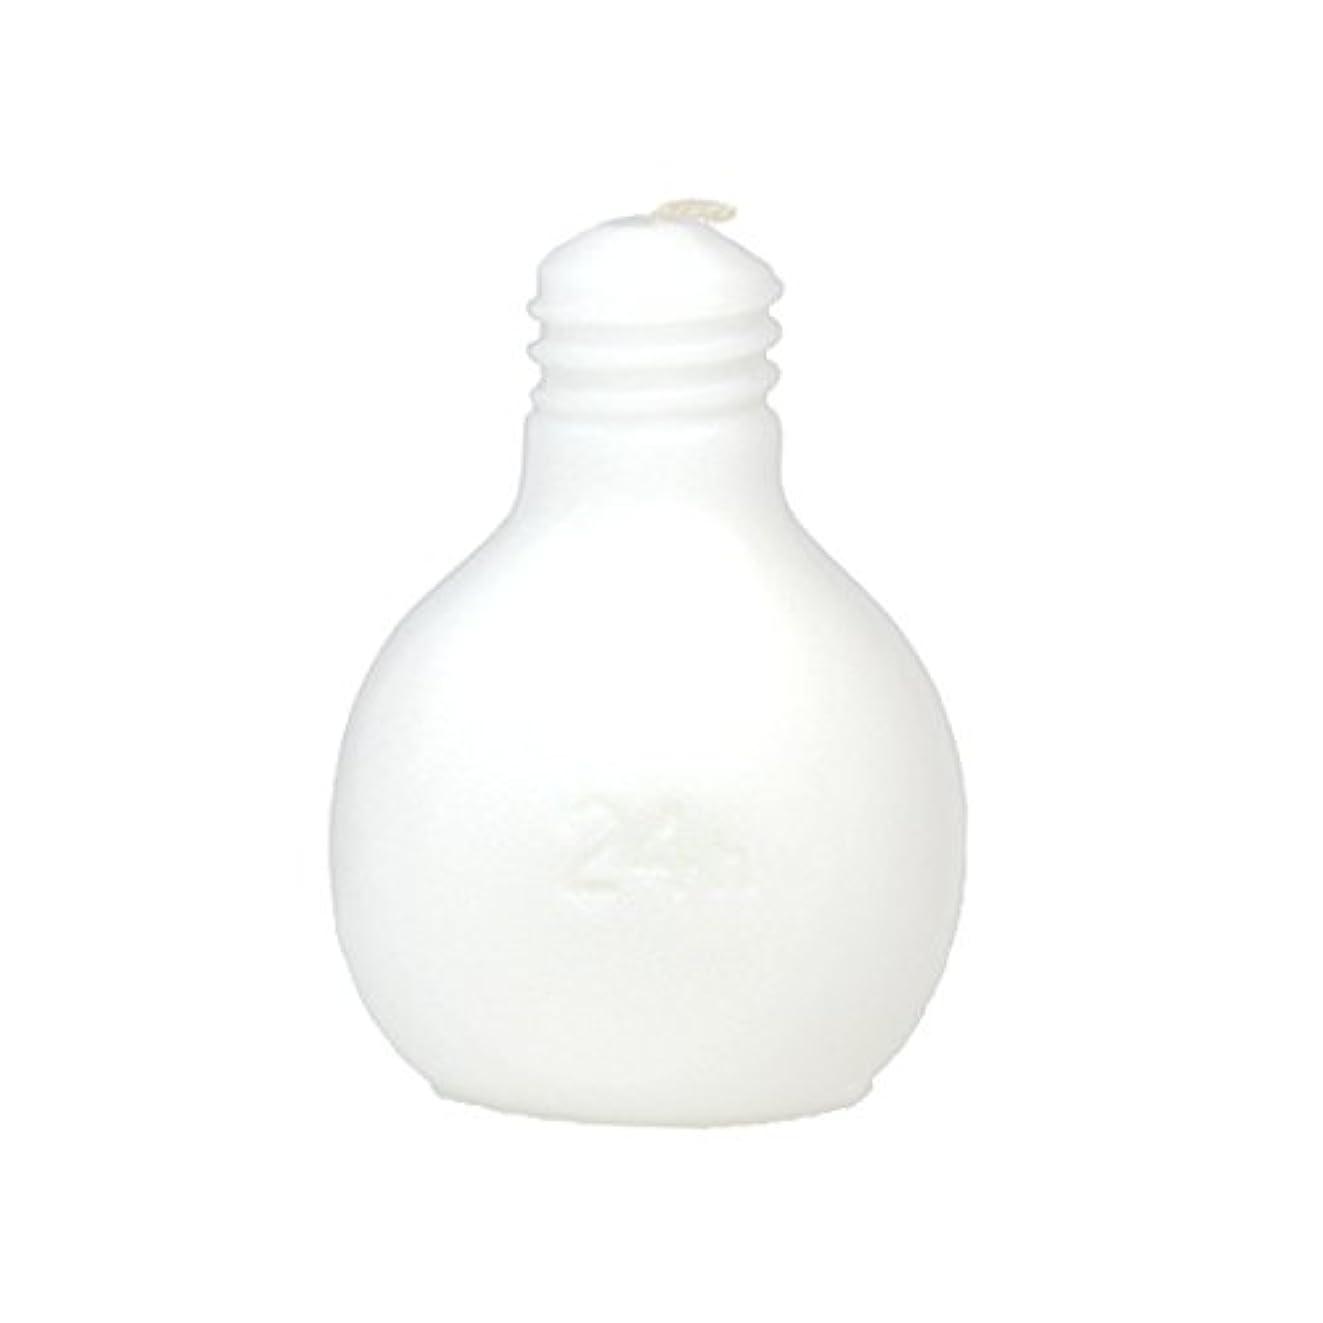 砂漠アンプ出血カメヤマキャンドルハウス 節電球キャンドル  ホワイト